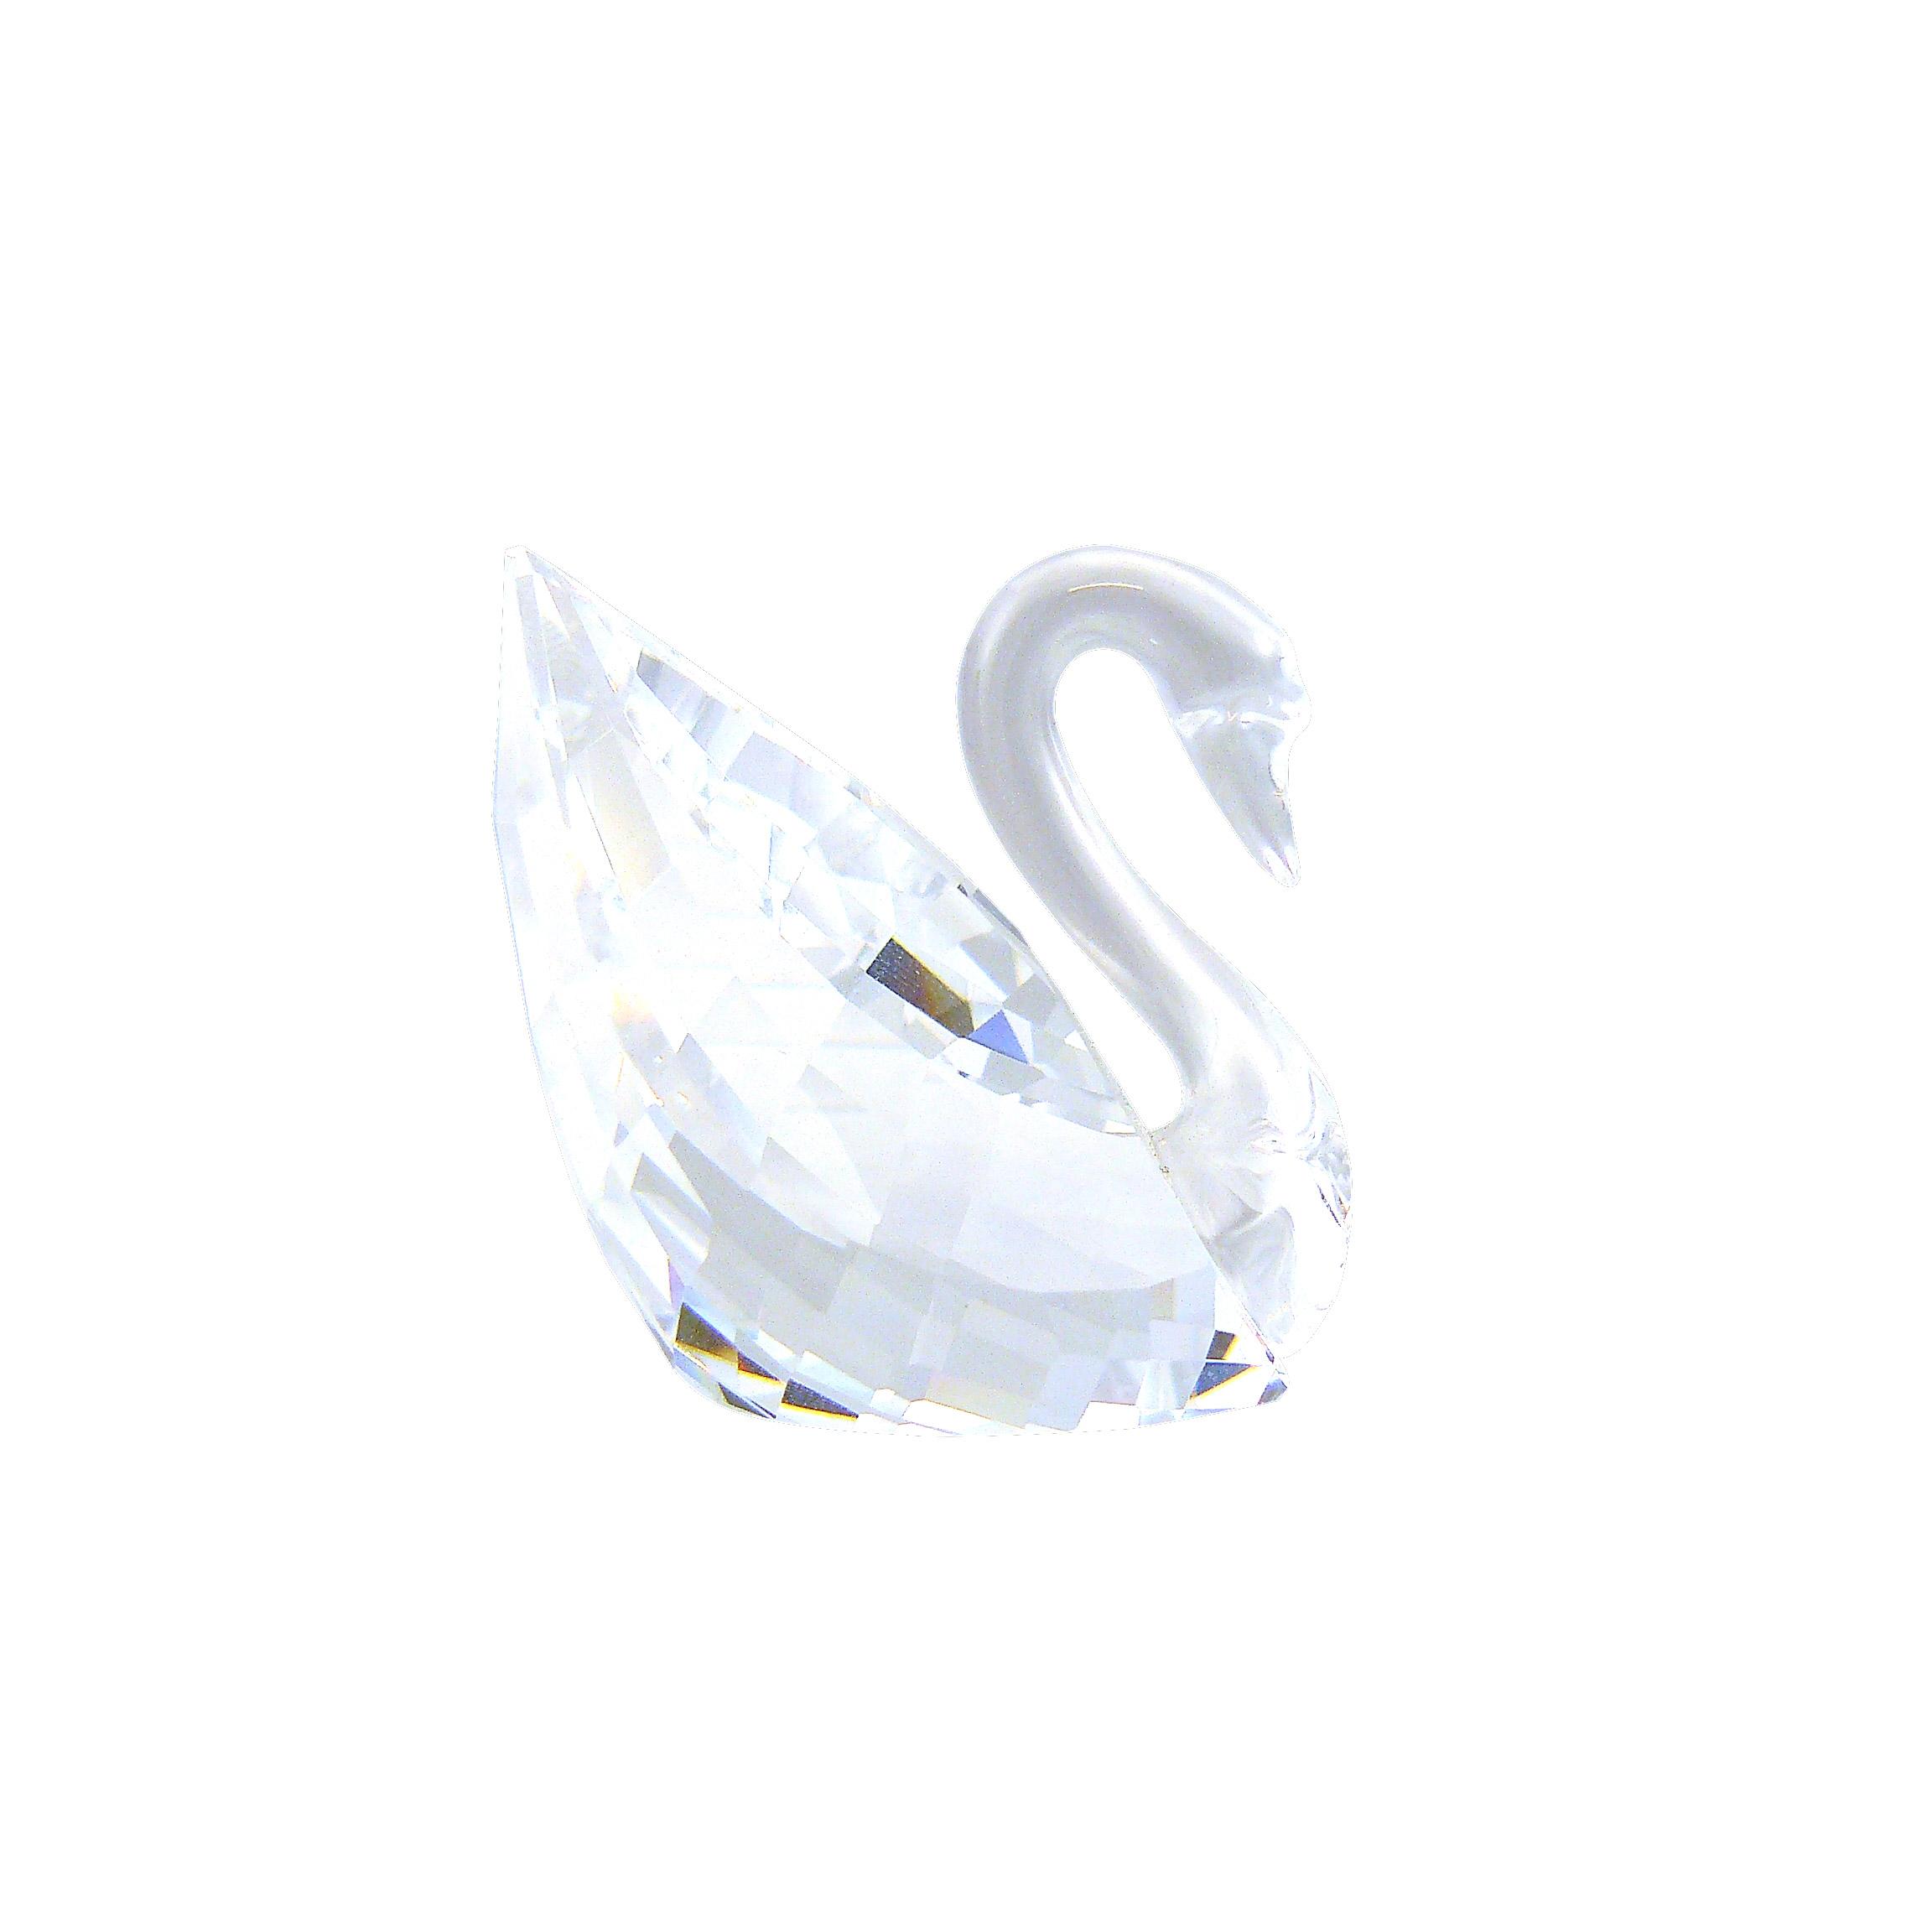 Swarovski Crystal Διακοσμητικό Κύκνος